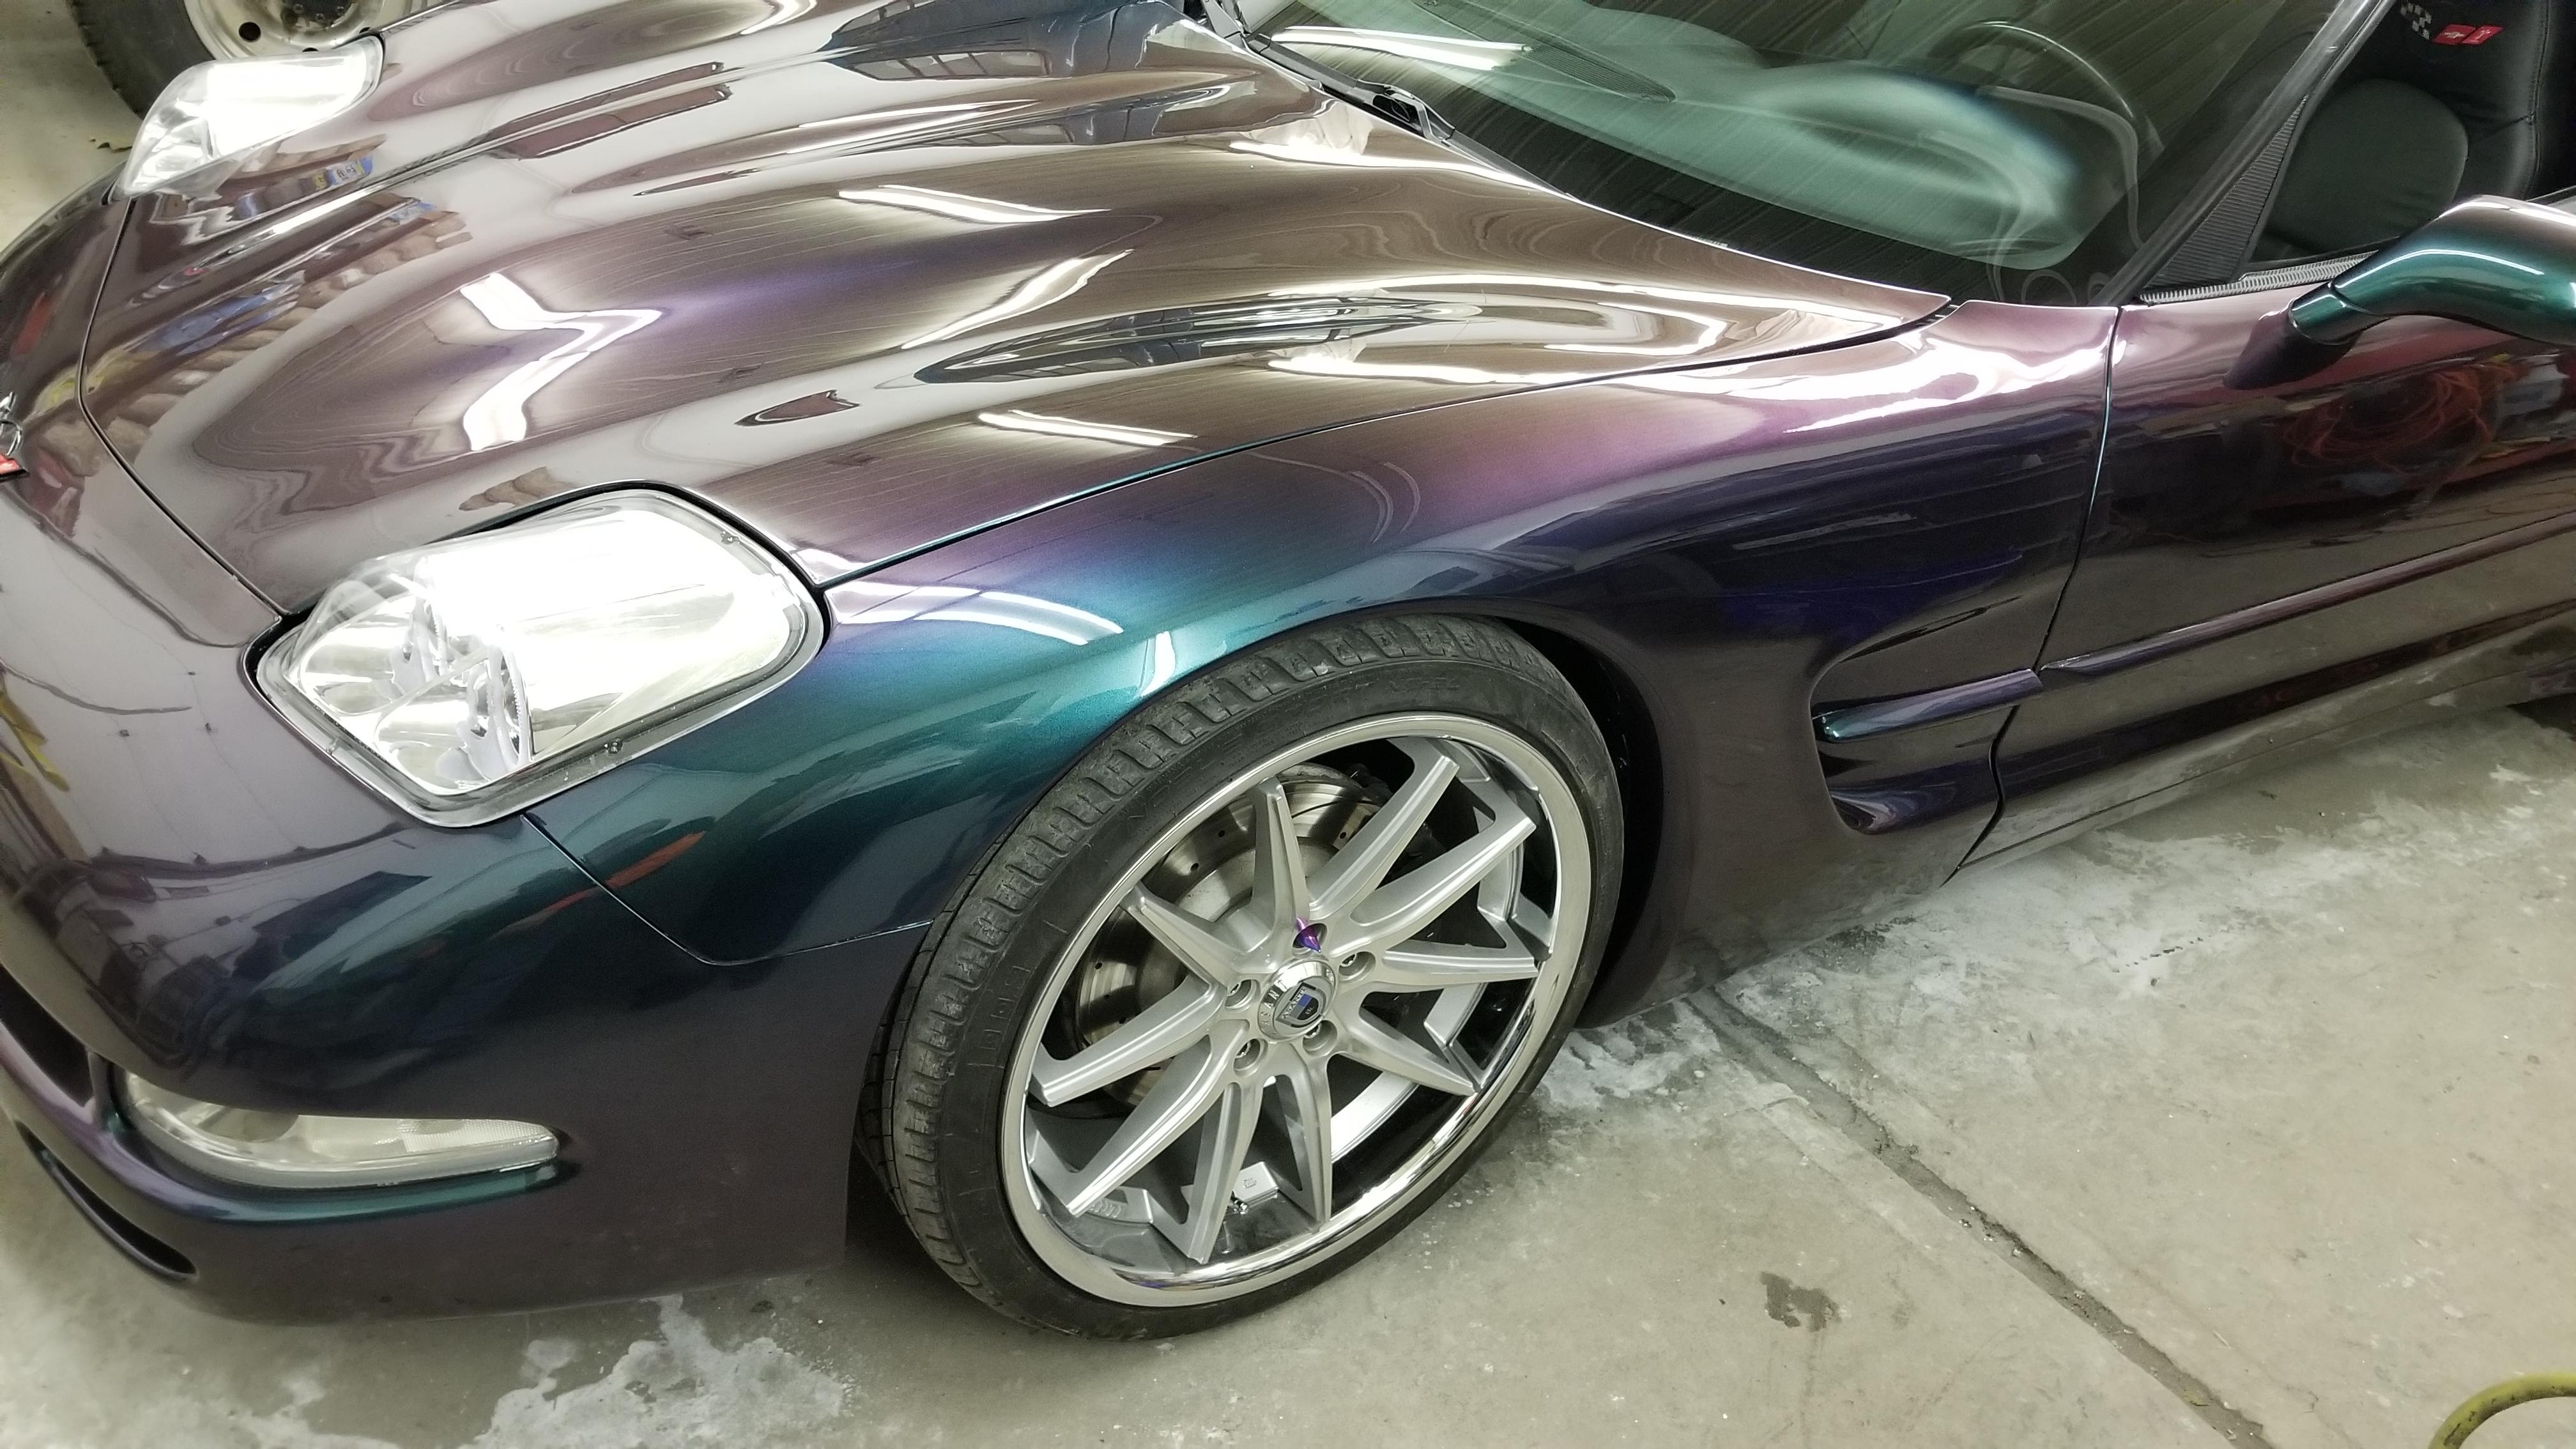 2000 Corvette Repair